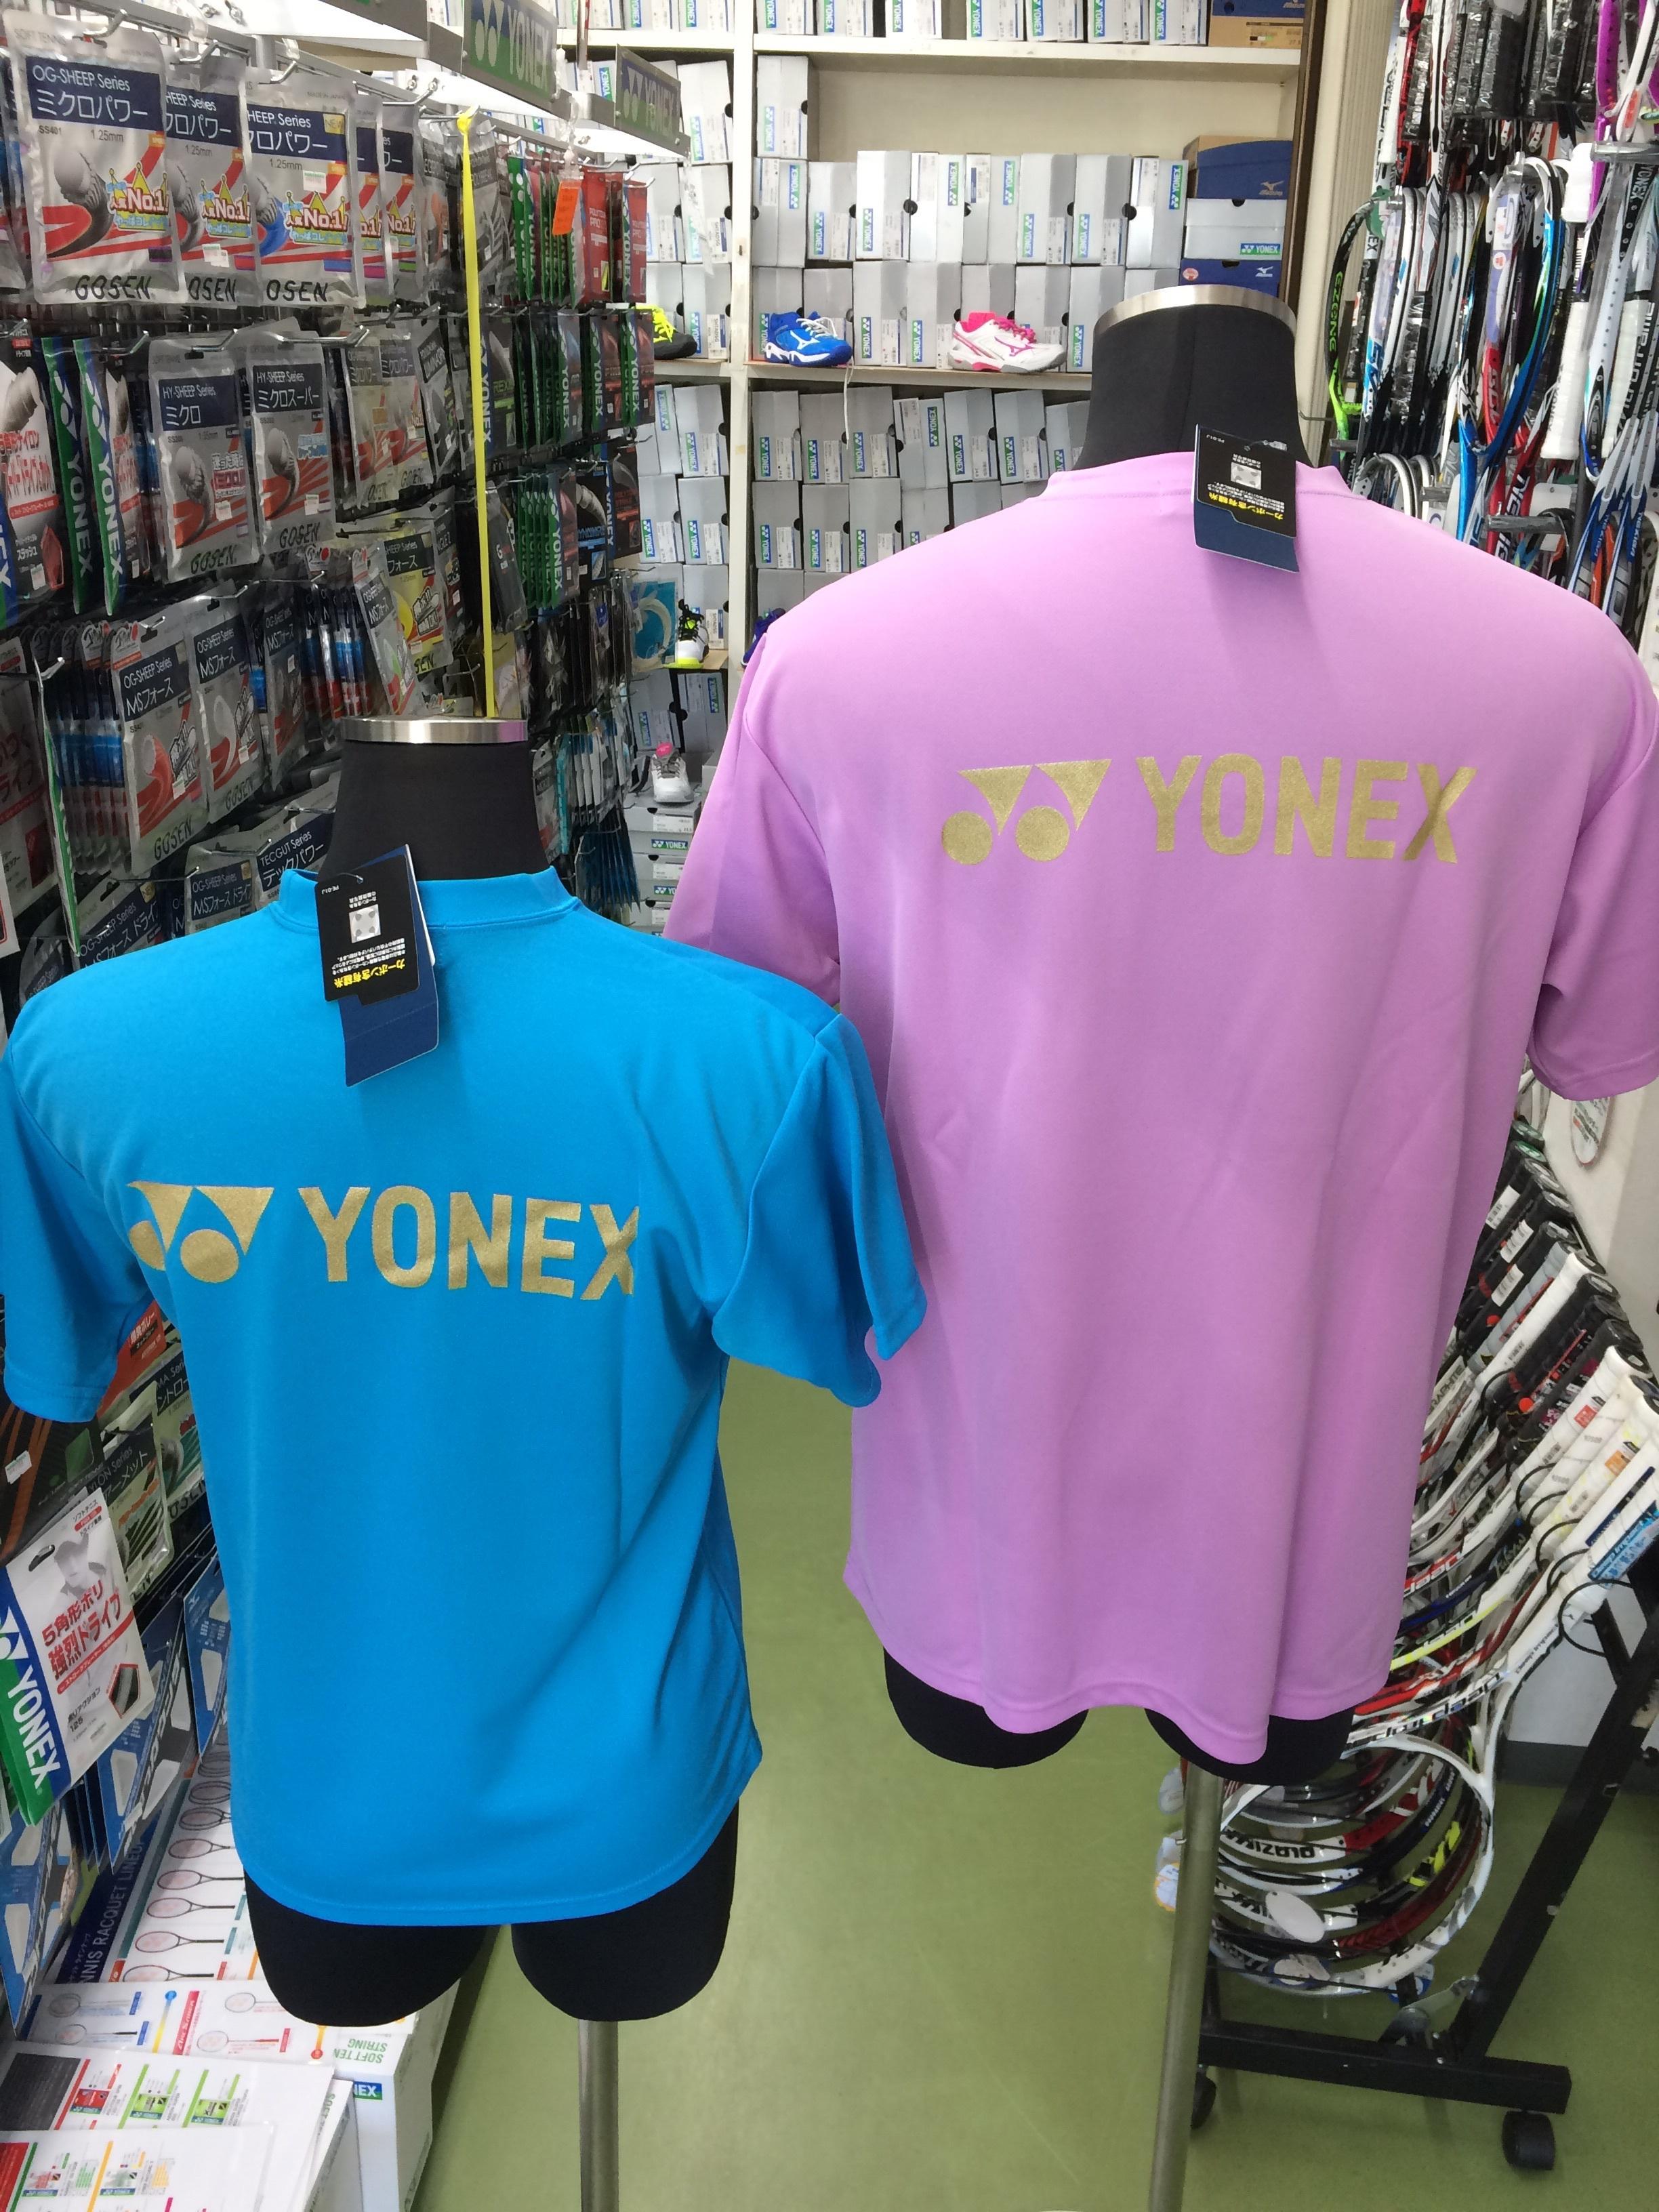 ヨネックス Tシャツ YOB15300 - 画像3